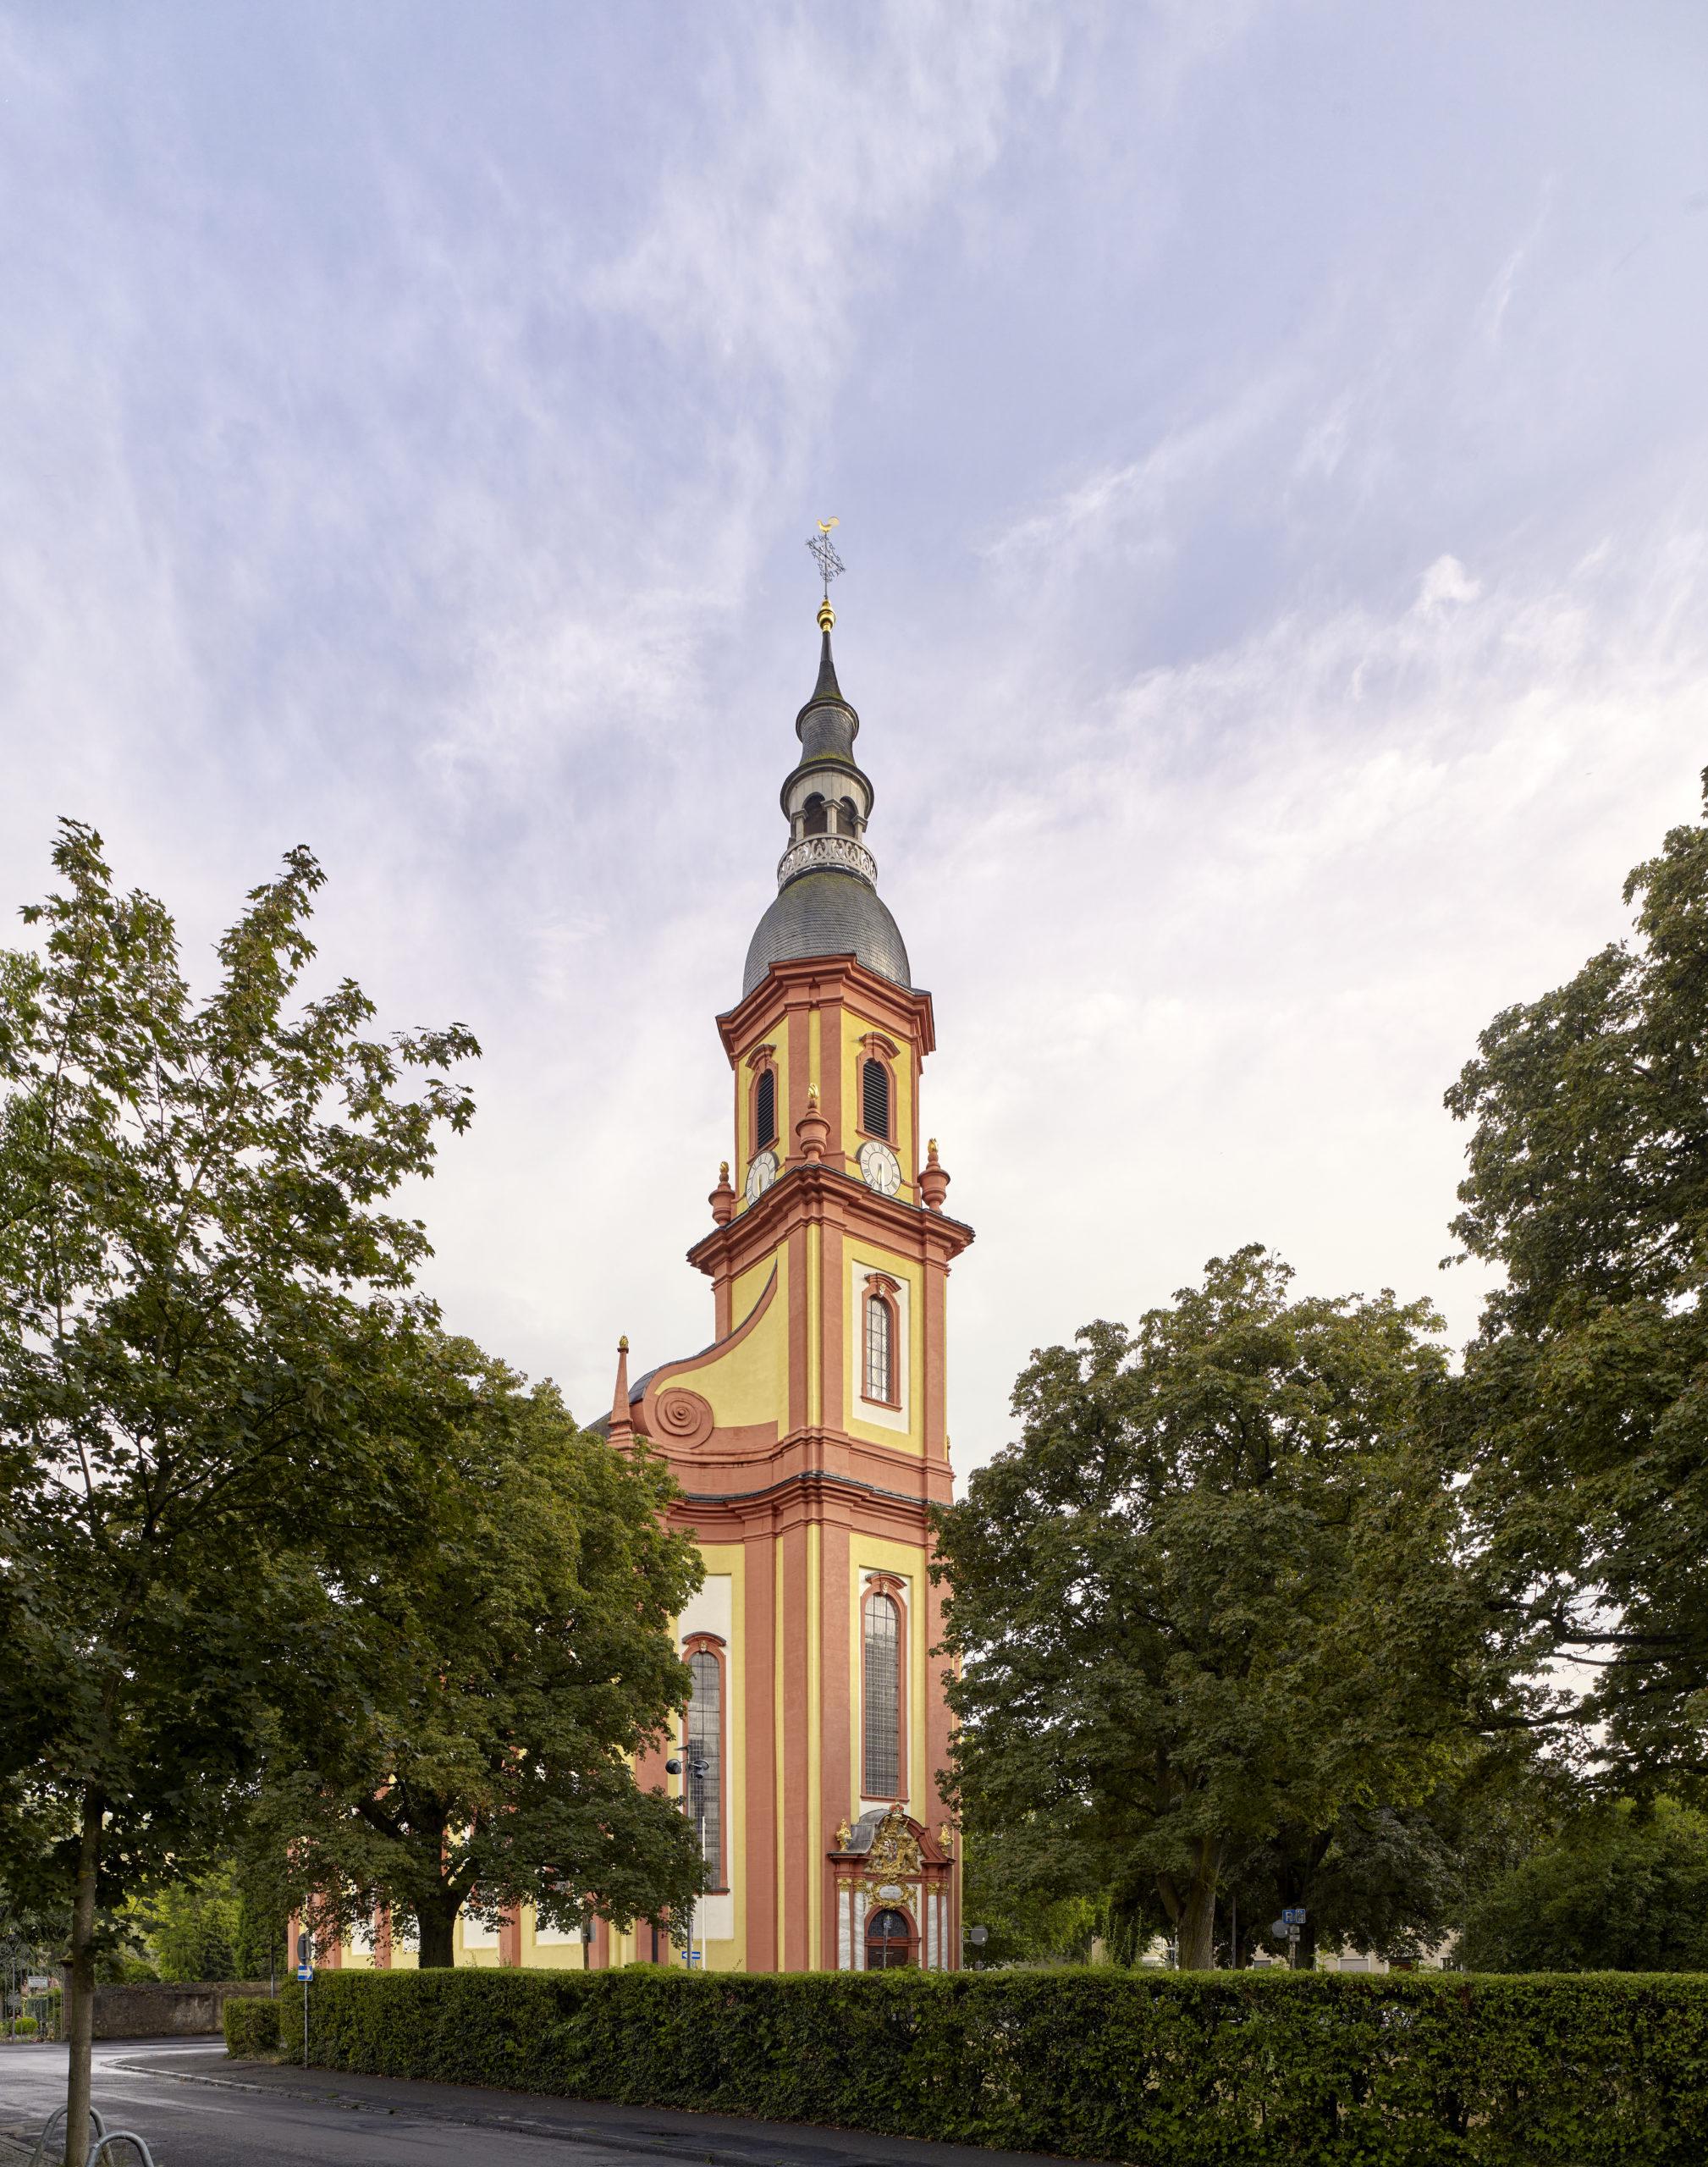 Kirchturm St. Paulin in Trier